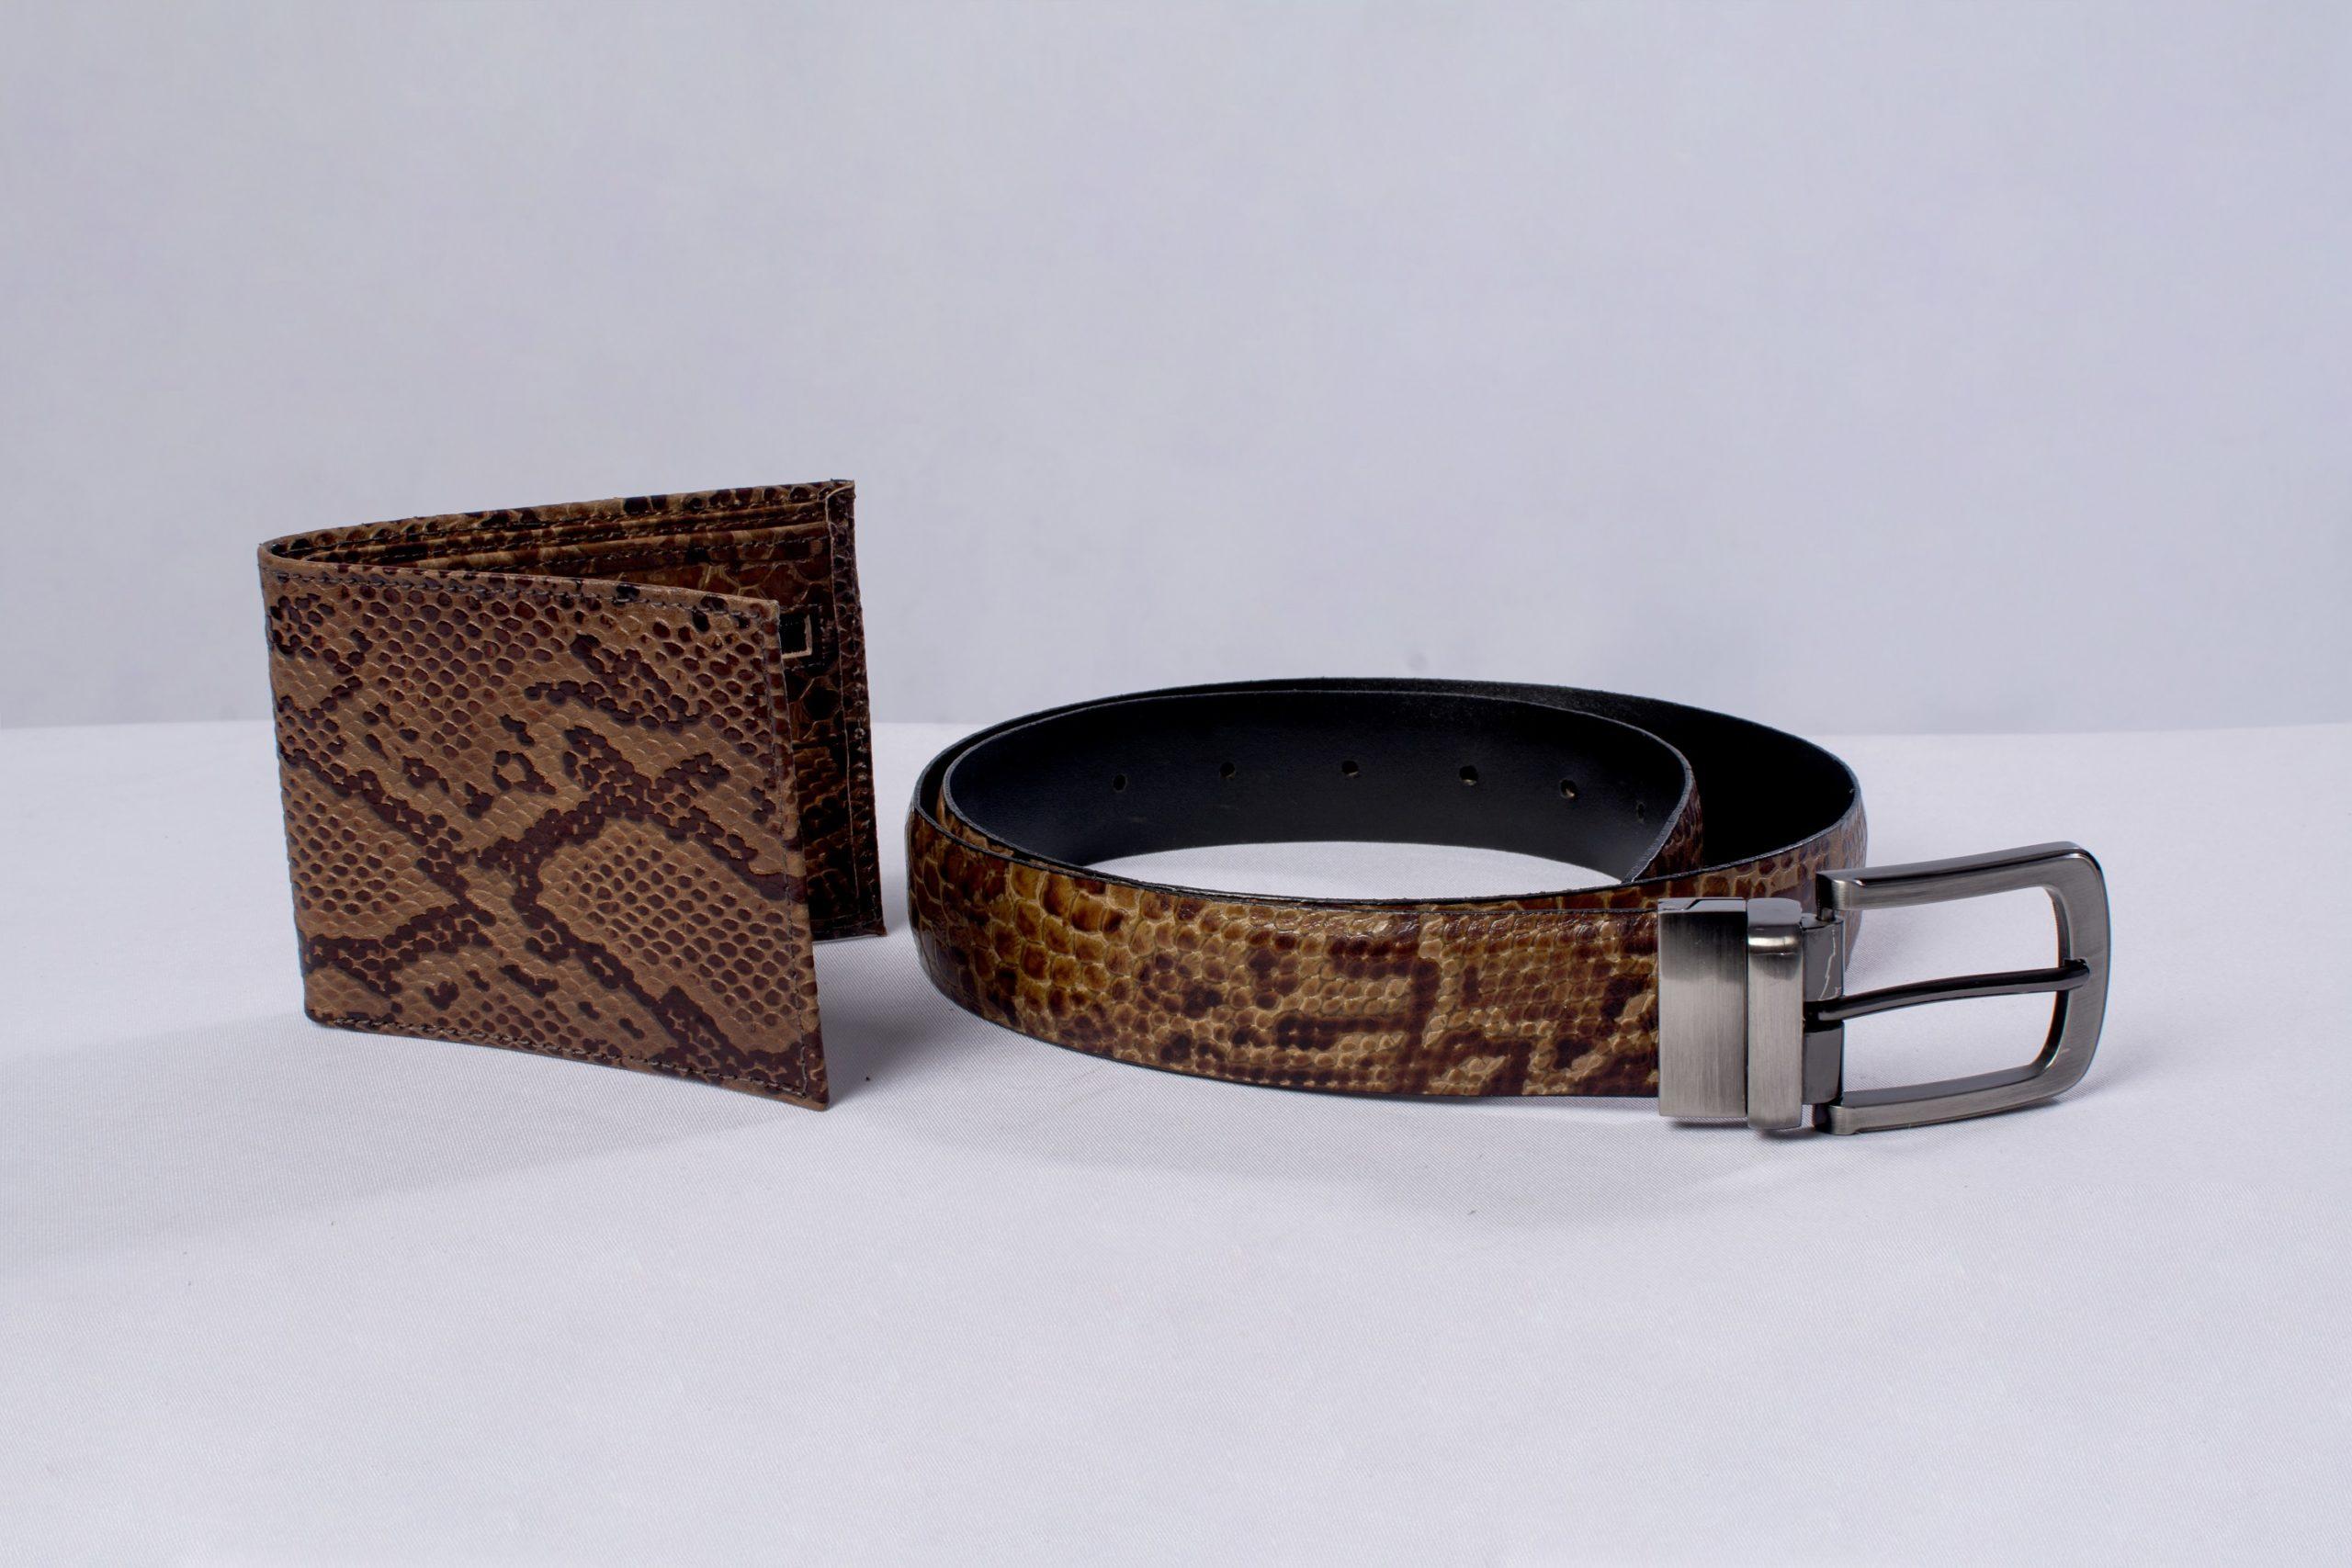 Billetera y cinturón (marroquinería).Material: Cuero de llama y res.